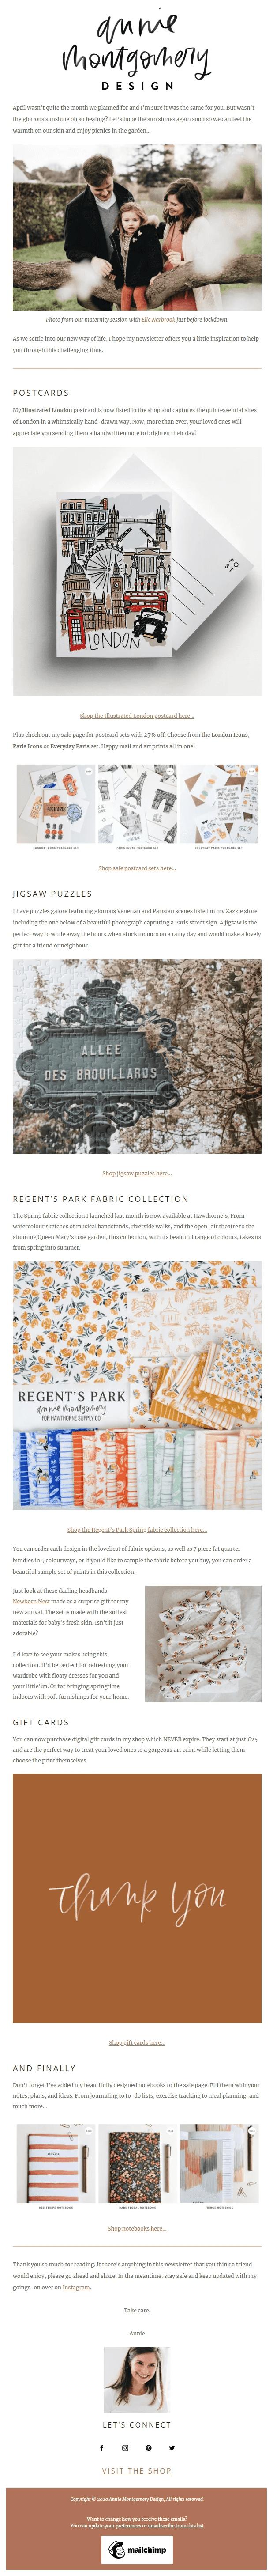 Image of Annie Montgomery Design newsletter